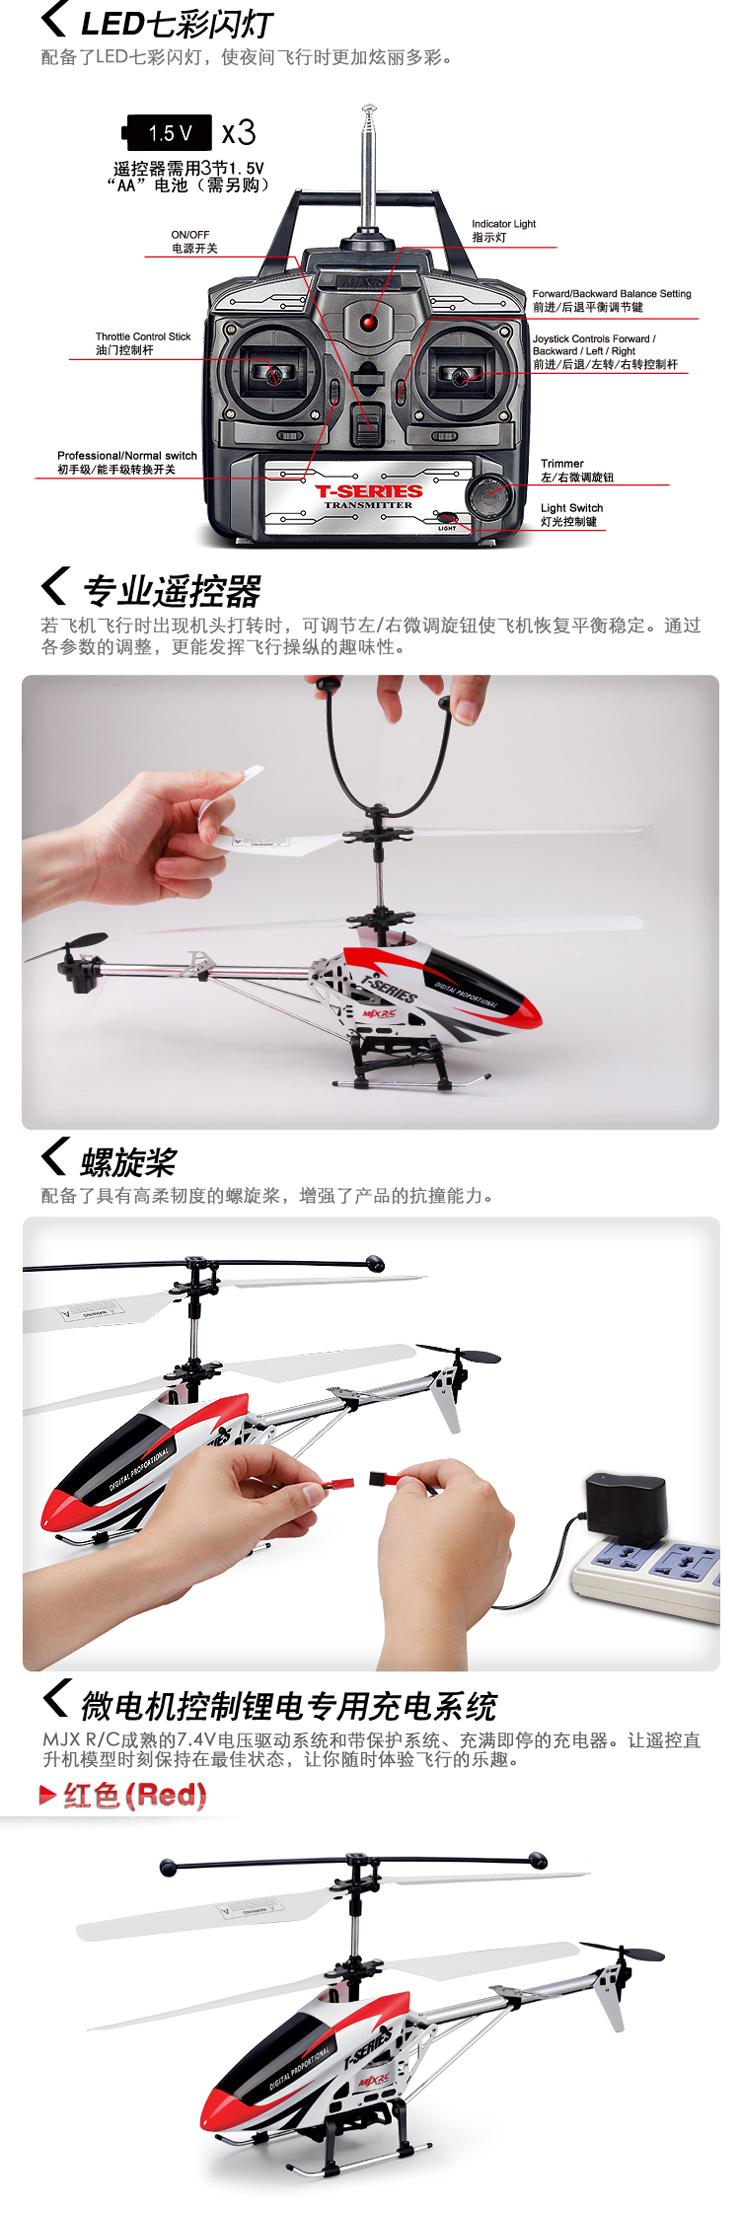 美嘉欣t60遥控飞机男生玩具航模